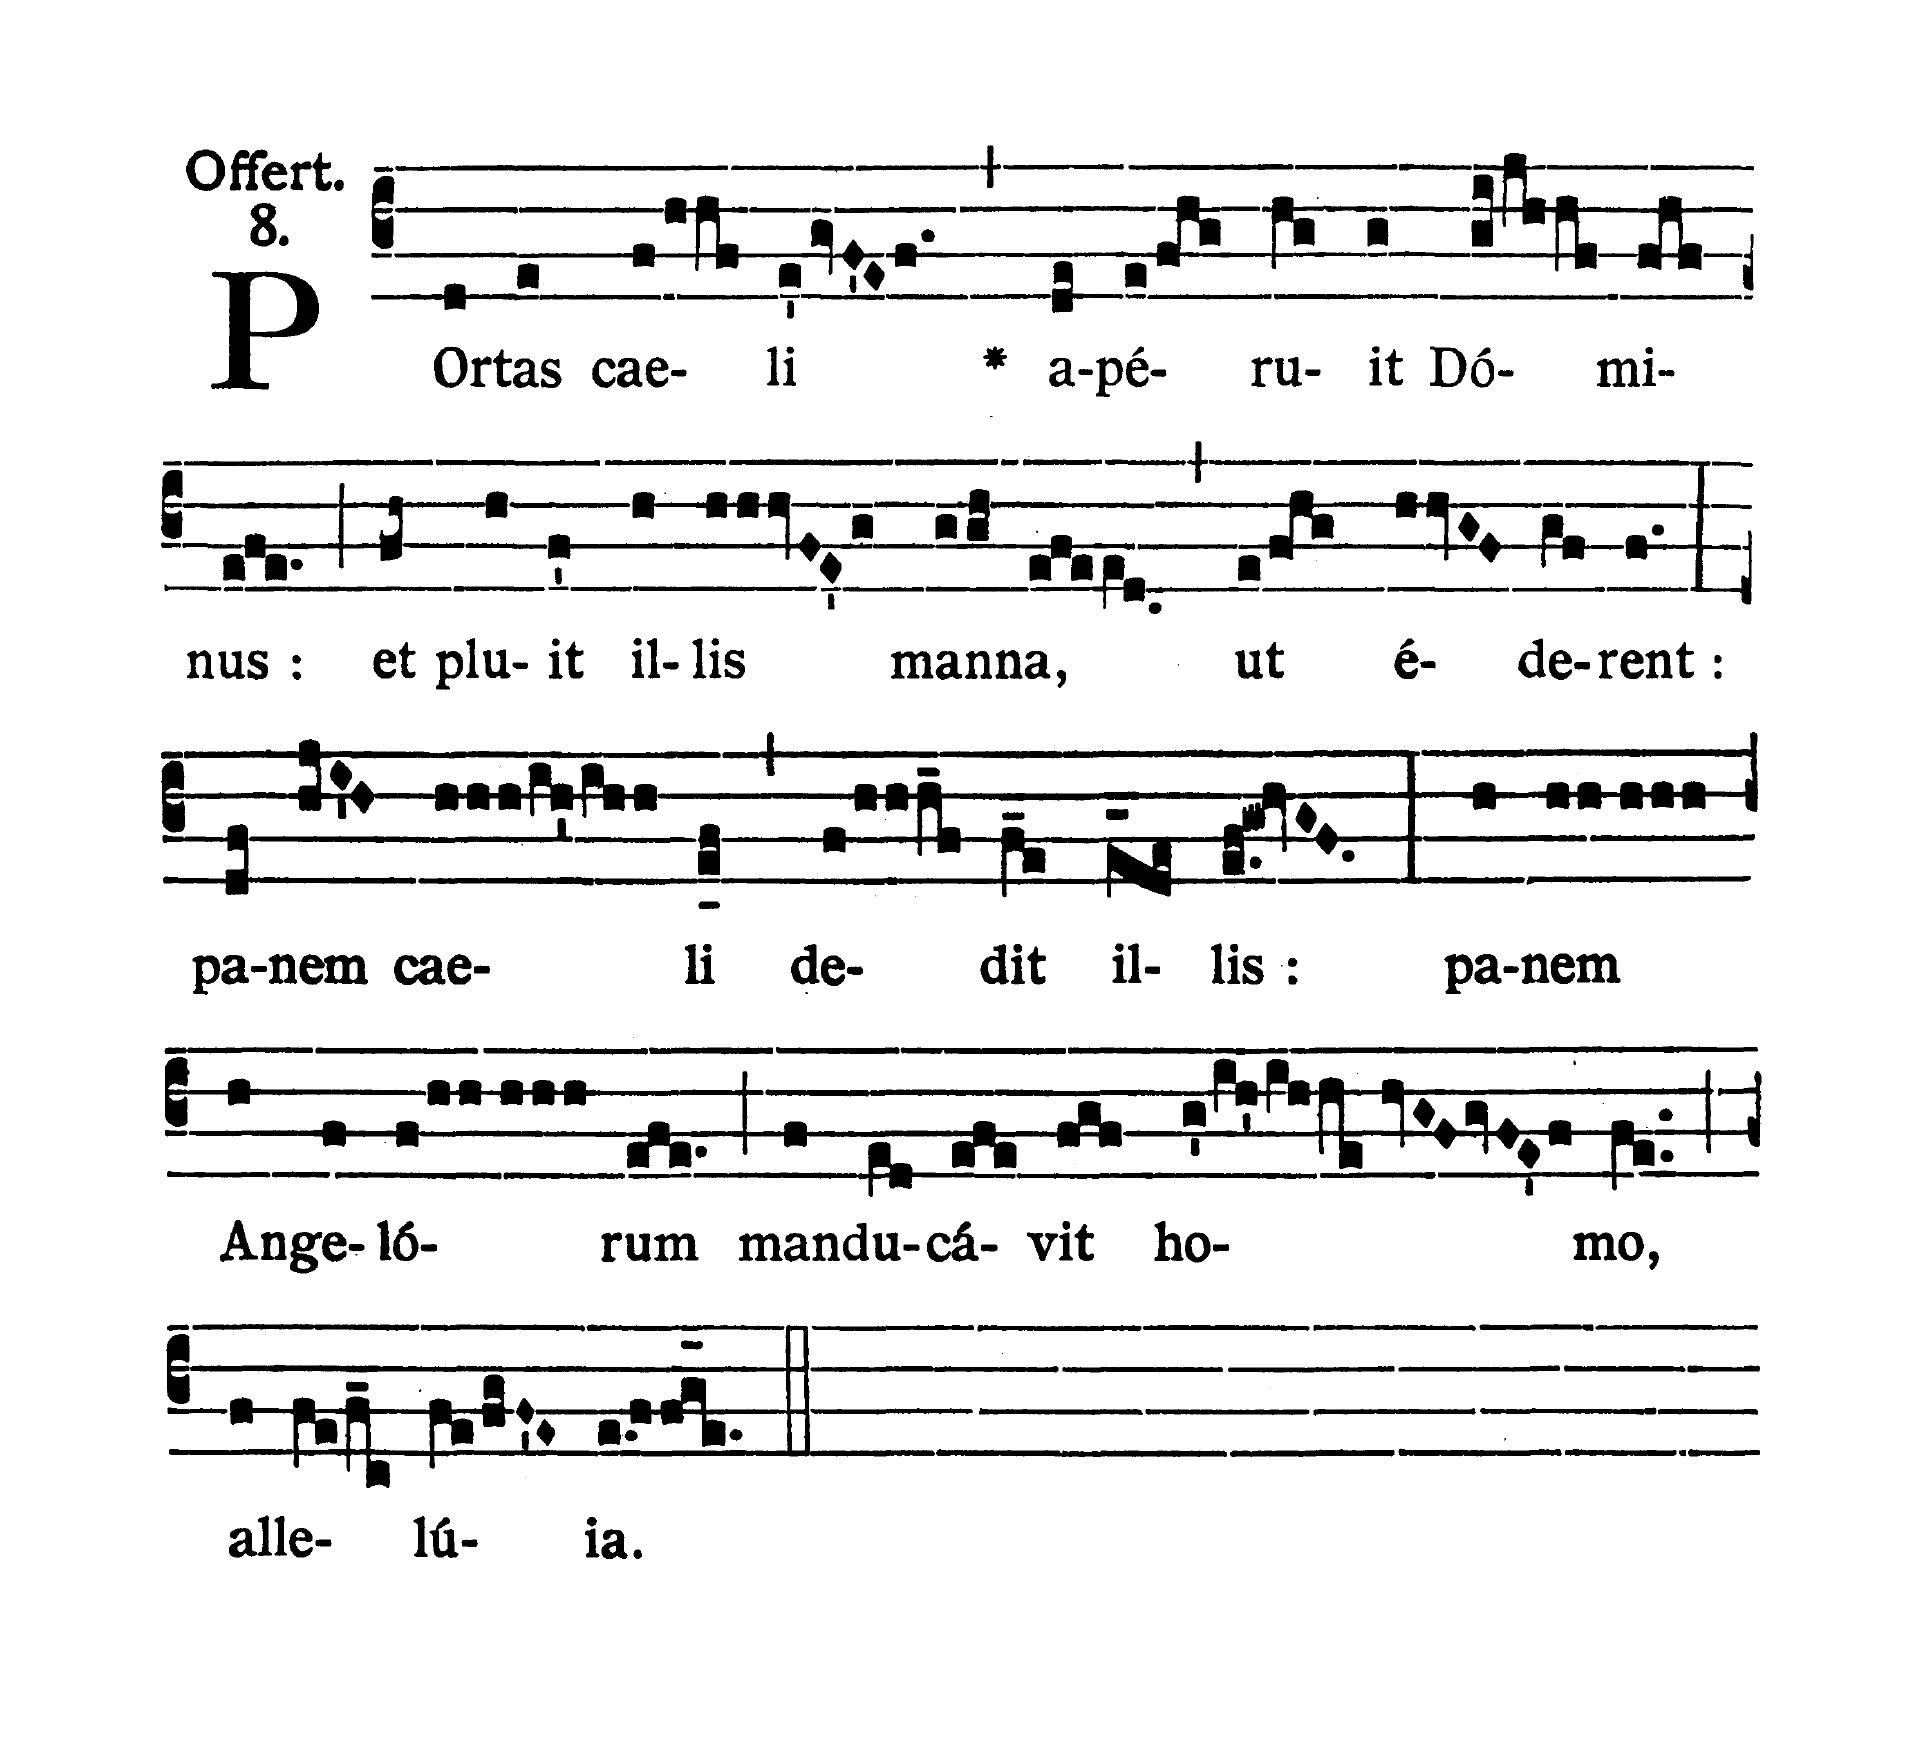 Feria tertia infra Octavam Pentecostes (Wtorek w oktawie Zesłania Ducha Świętego) - Offertorium (Portas caeli)